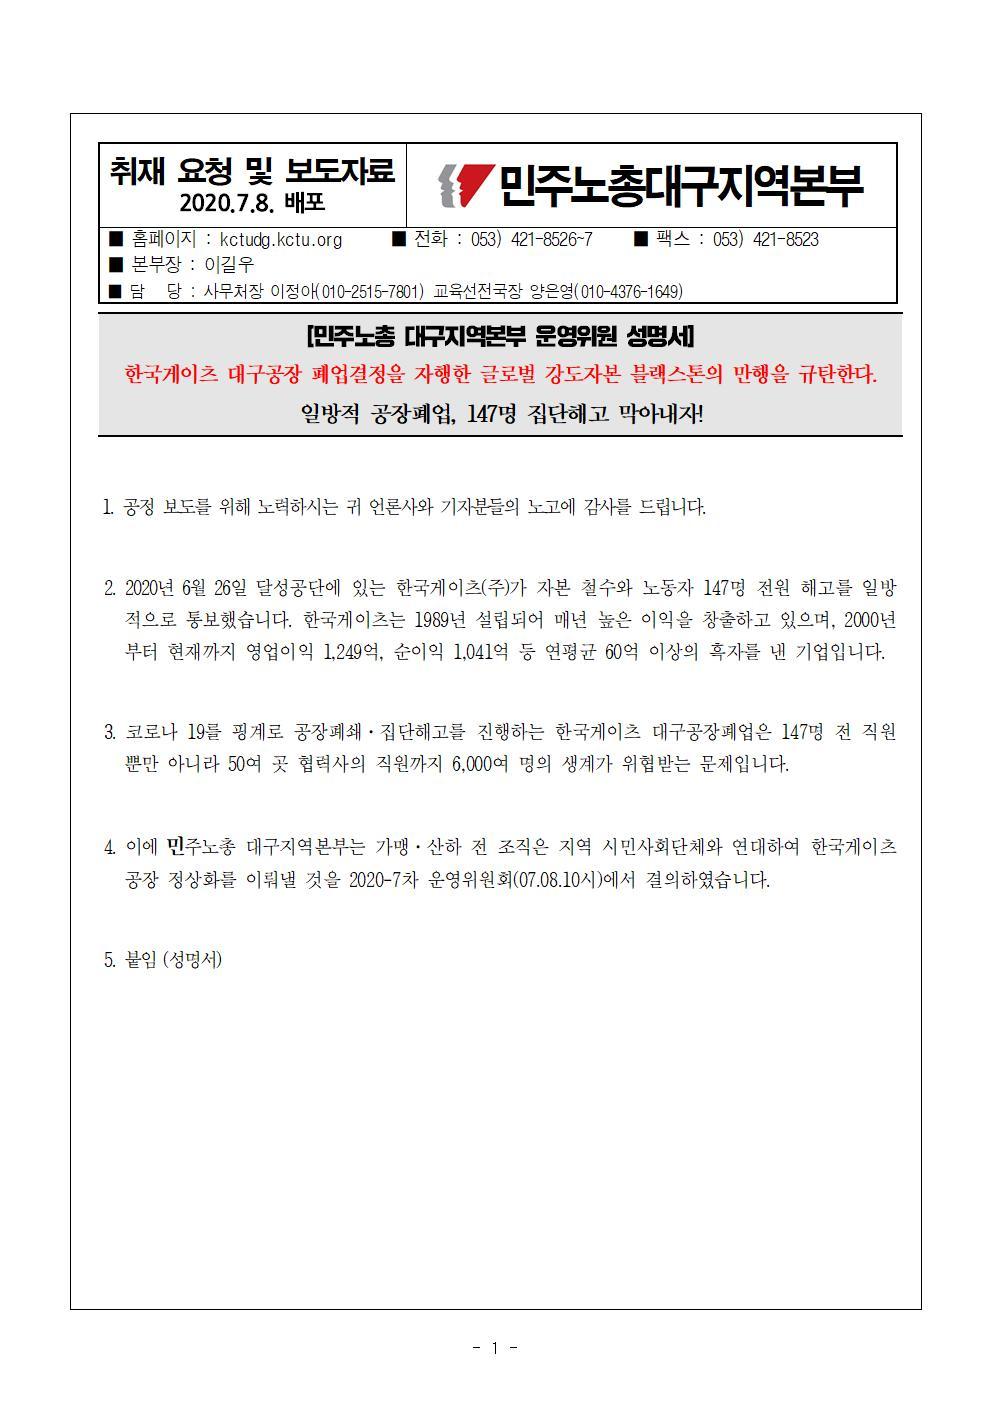 [보도자료]0708 지역본부 7차 운영위 성명서(한국게이츠 공장 정상화)001.jpg